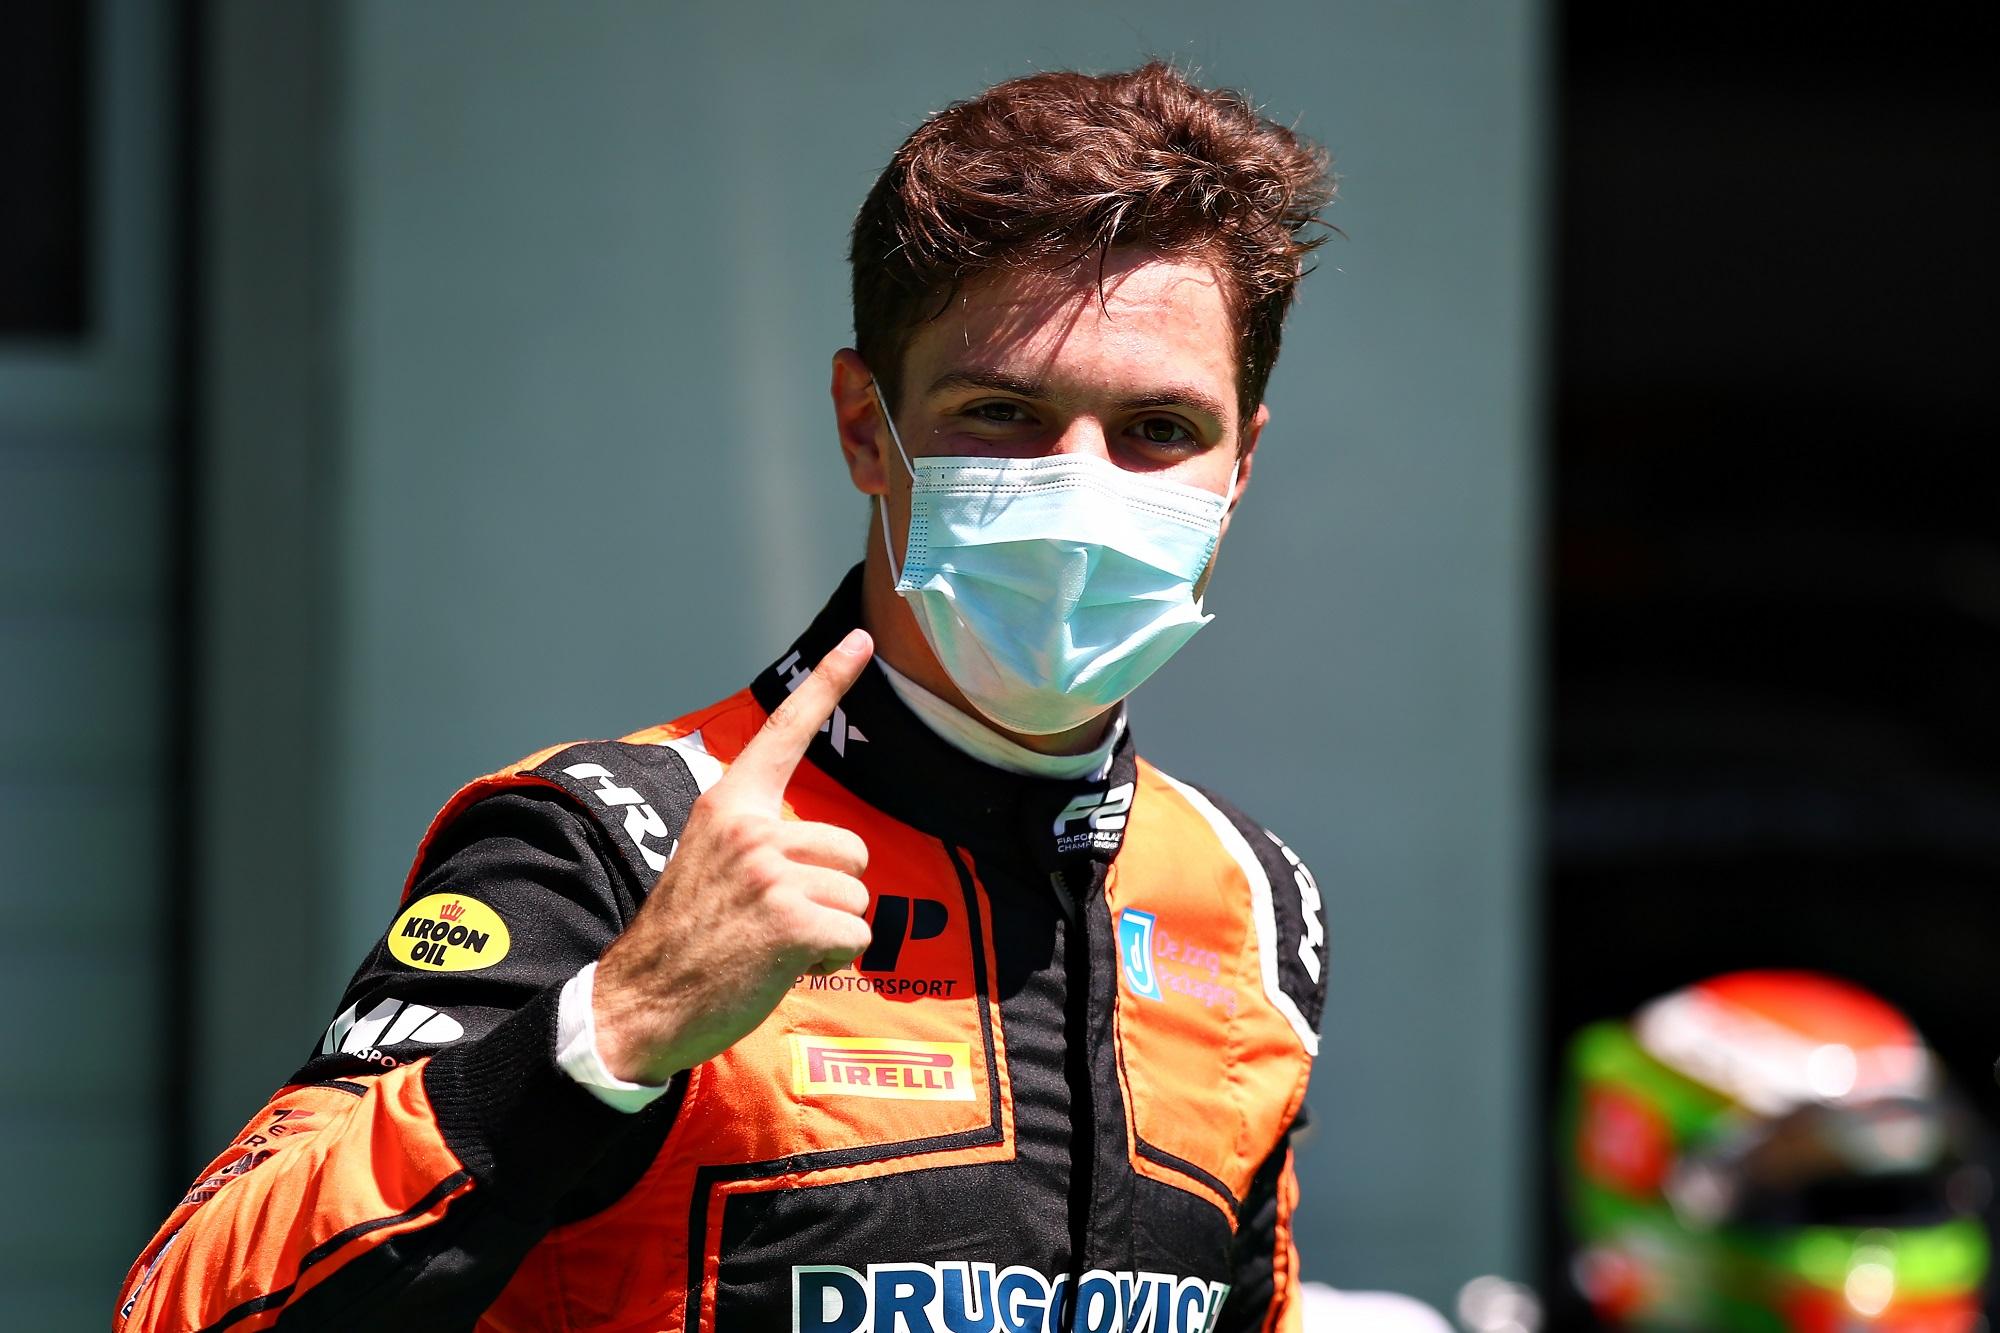 felipe_drugovich_mp_motorsport_002_c_formula_motorsport_limited.JPG